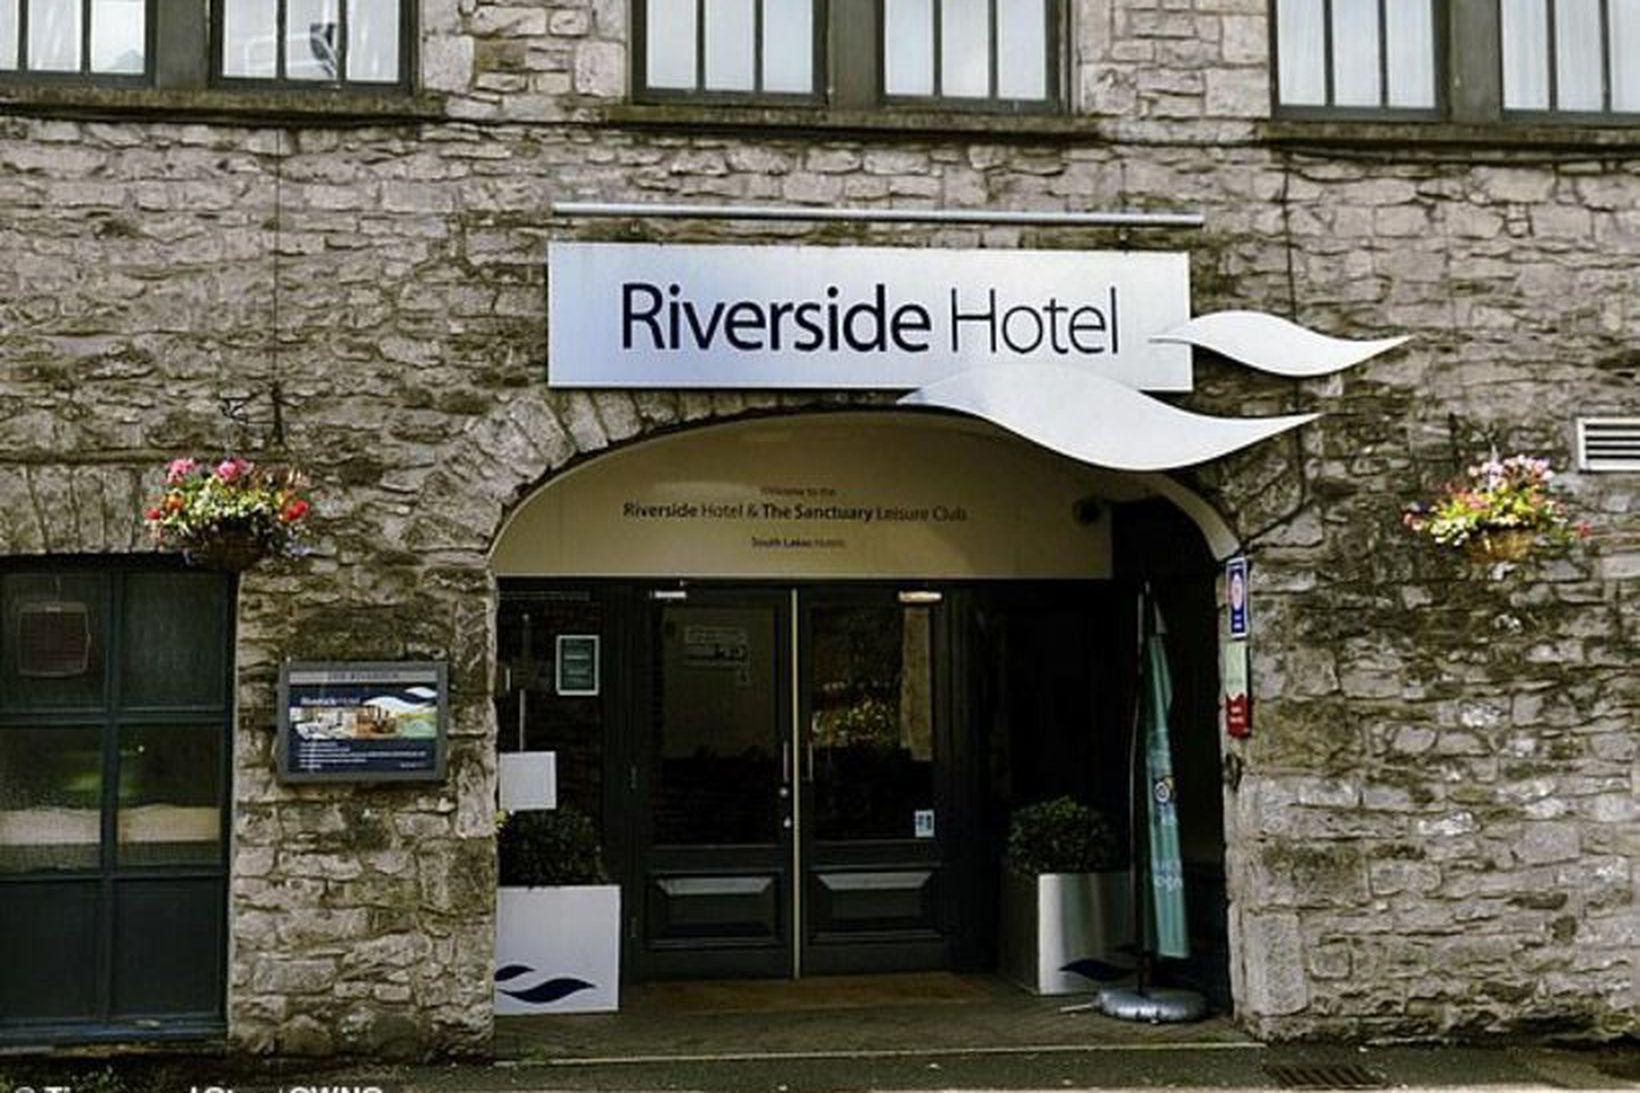 Það var á þessu hóteli, Riverside, sem atvikið átti sér …